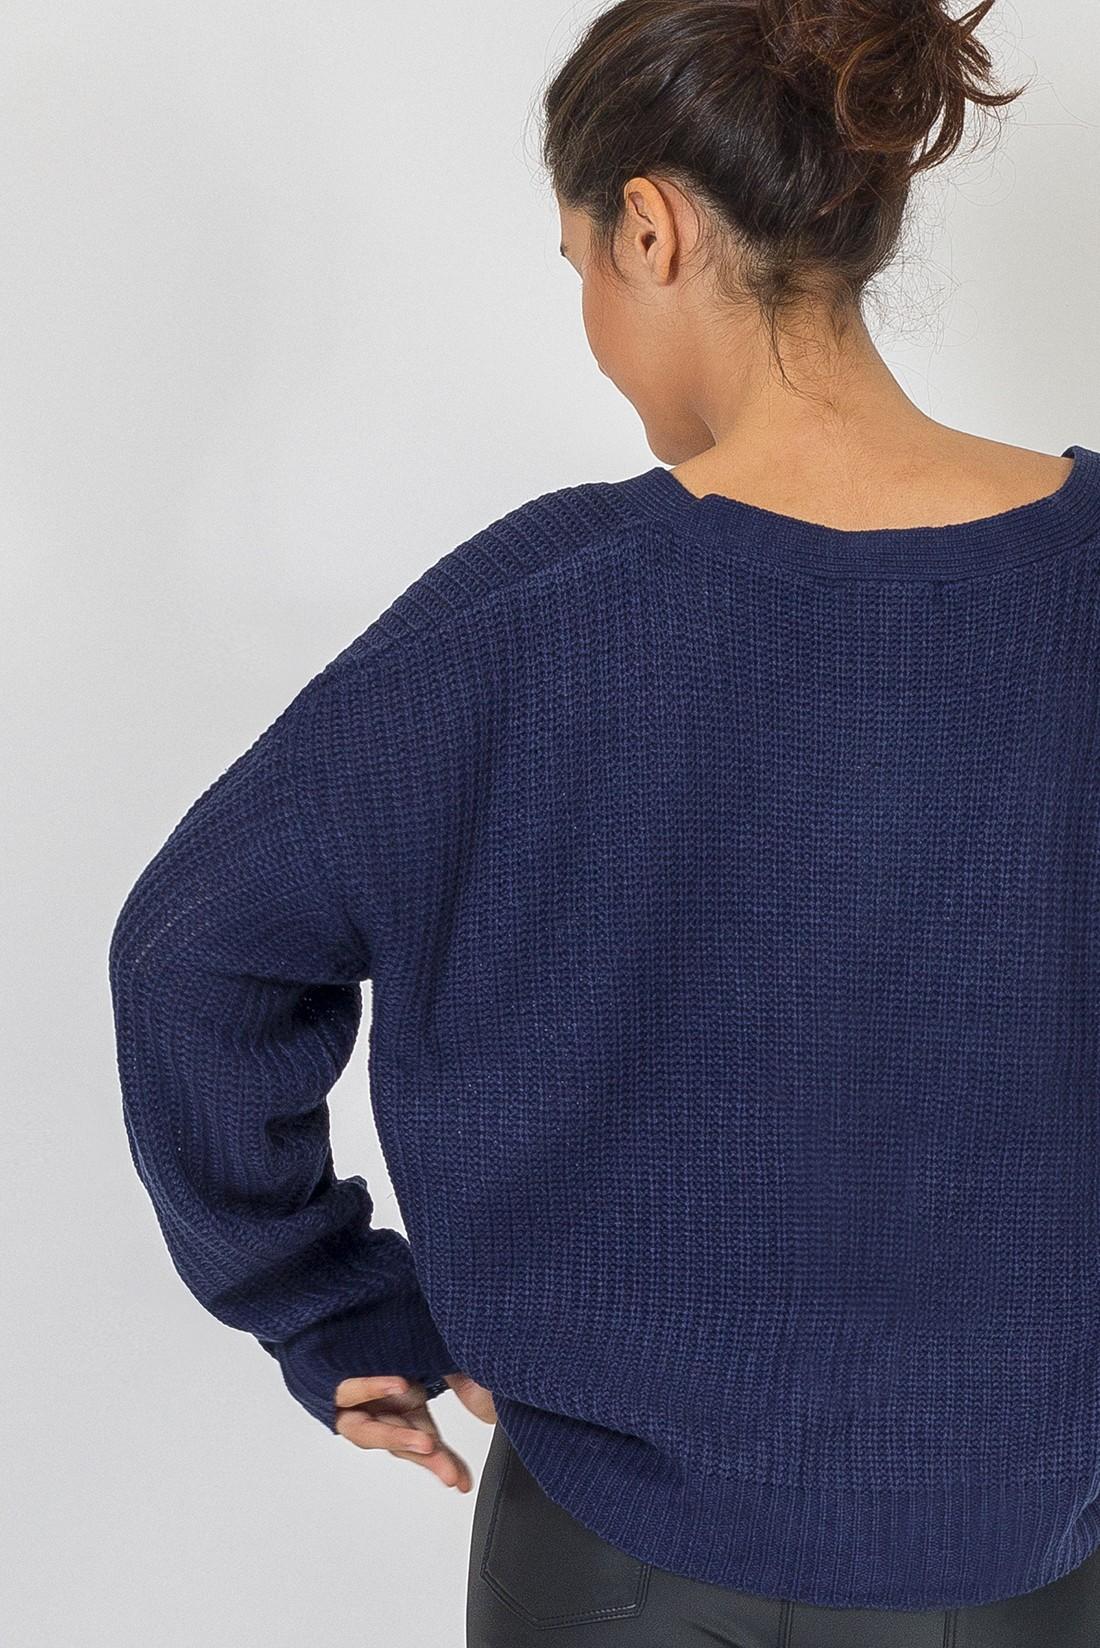 Casaco Saes Tricô Com Botões Dourado | Casaco, Suéter